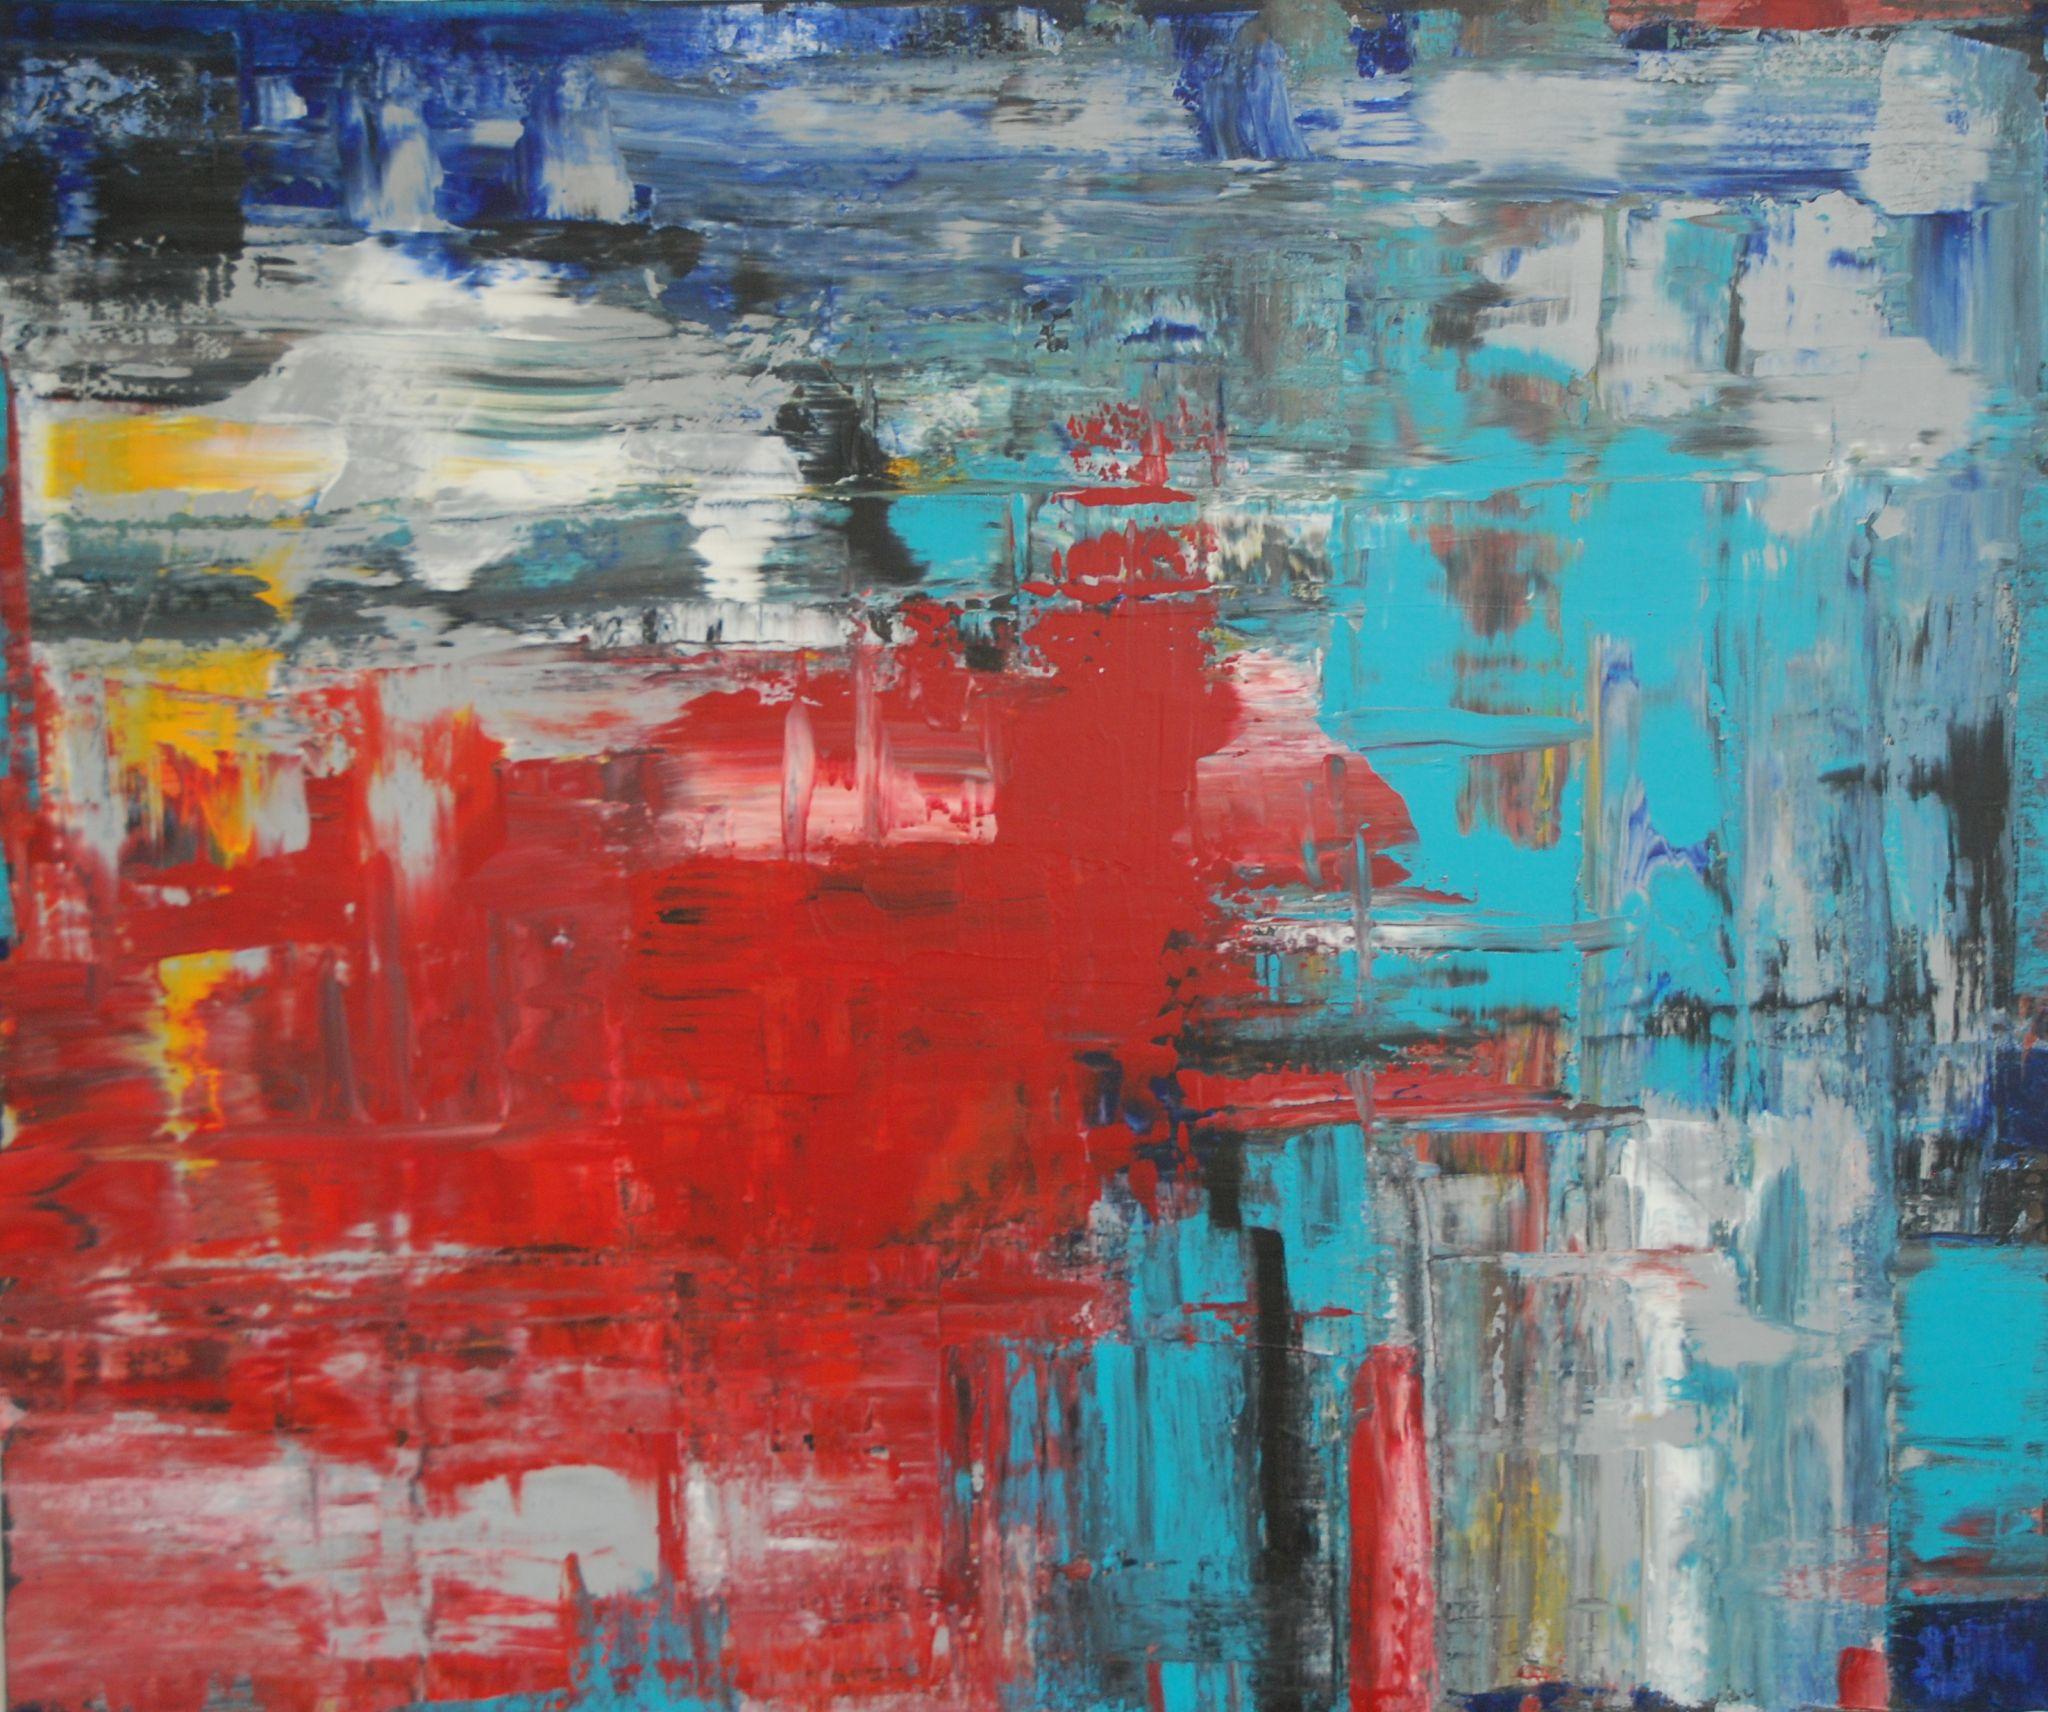 souboj, 100/120 cm, 2014, akryl na plátně